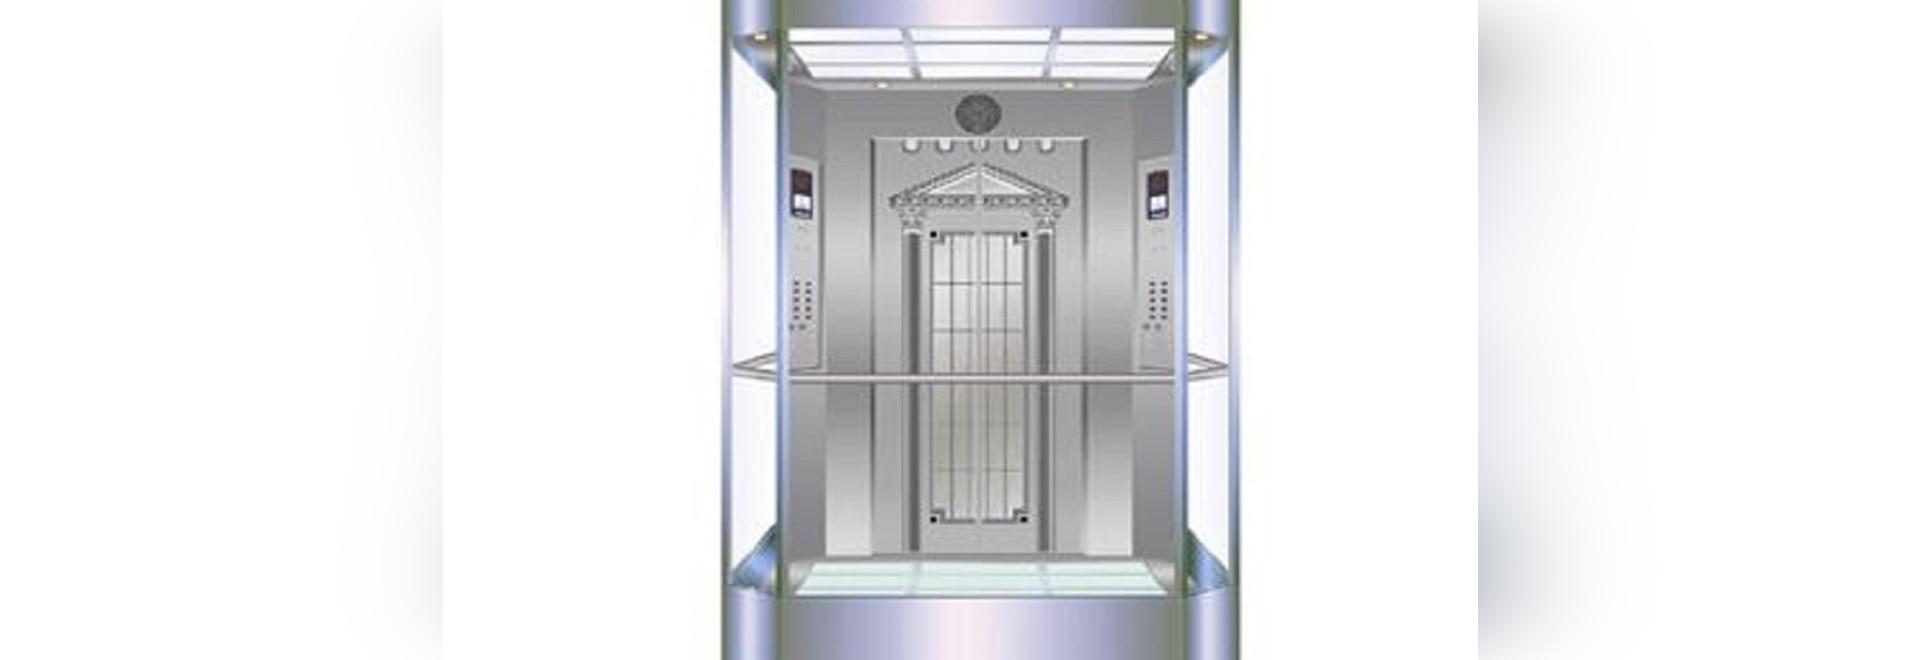 Aufzug der hohen Qualität hergestellt durch HGLaser-Schneidemaschine